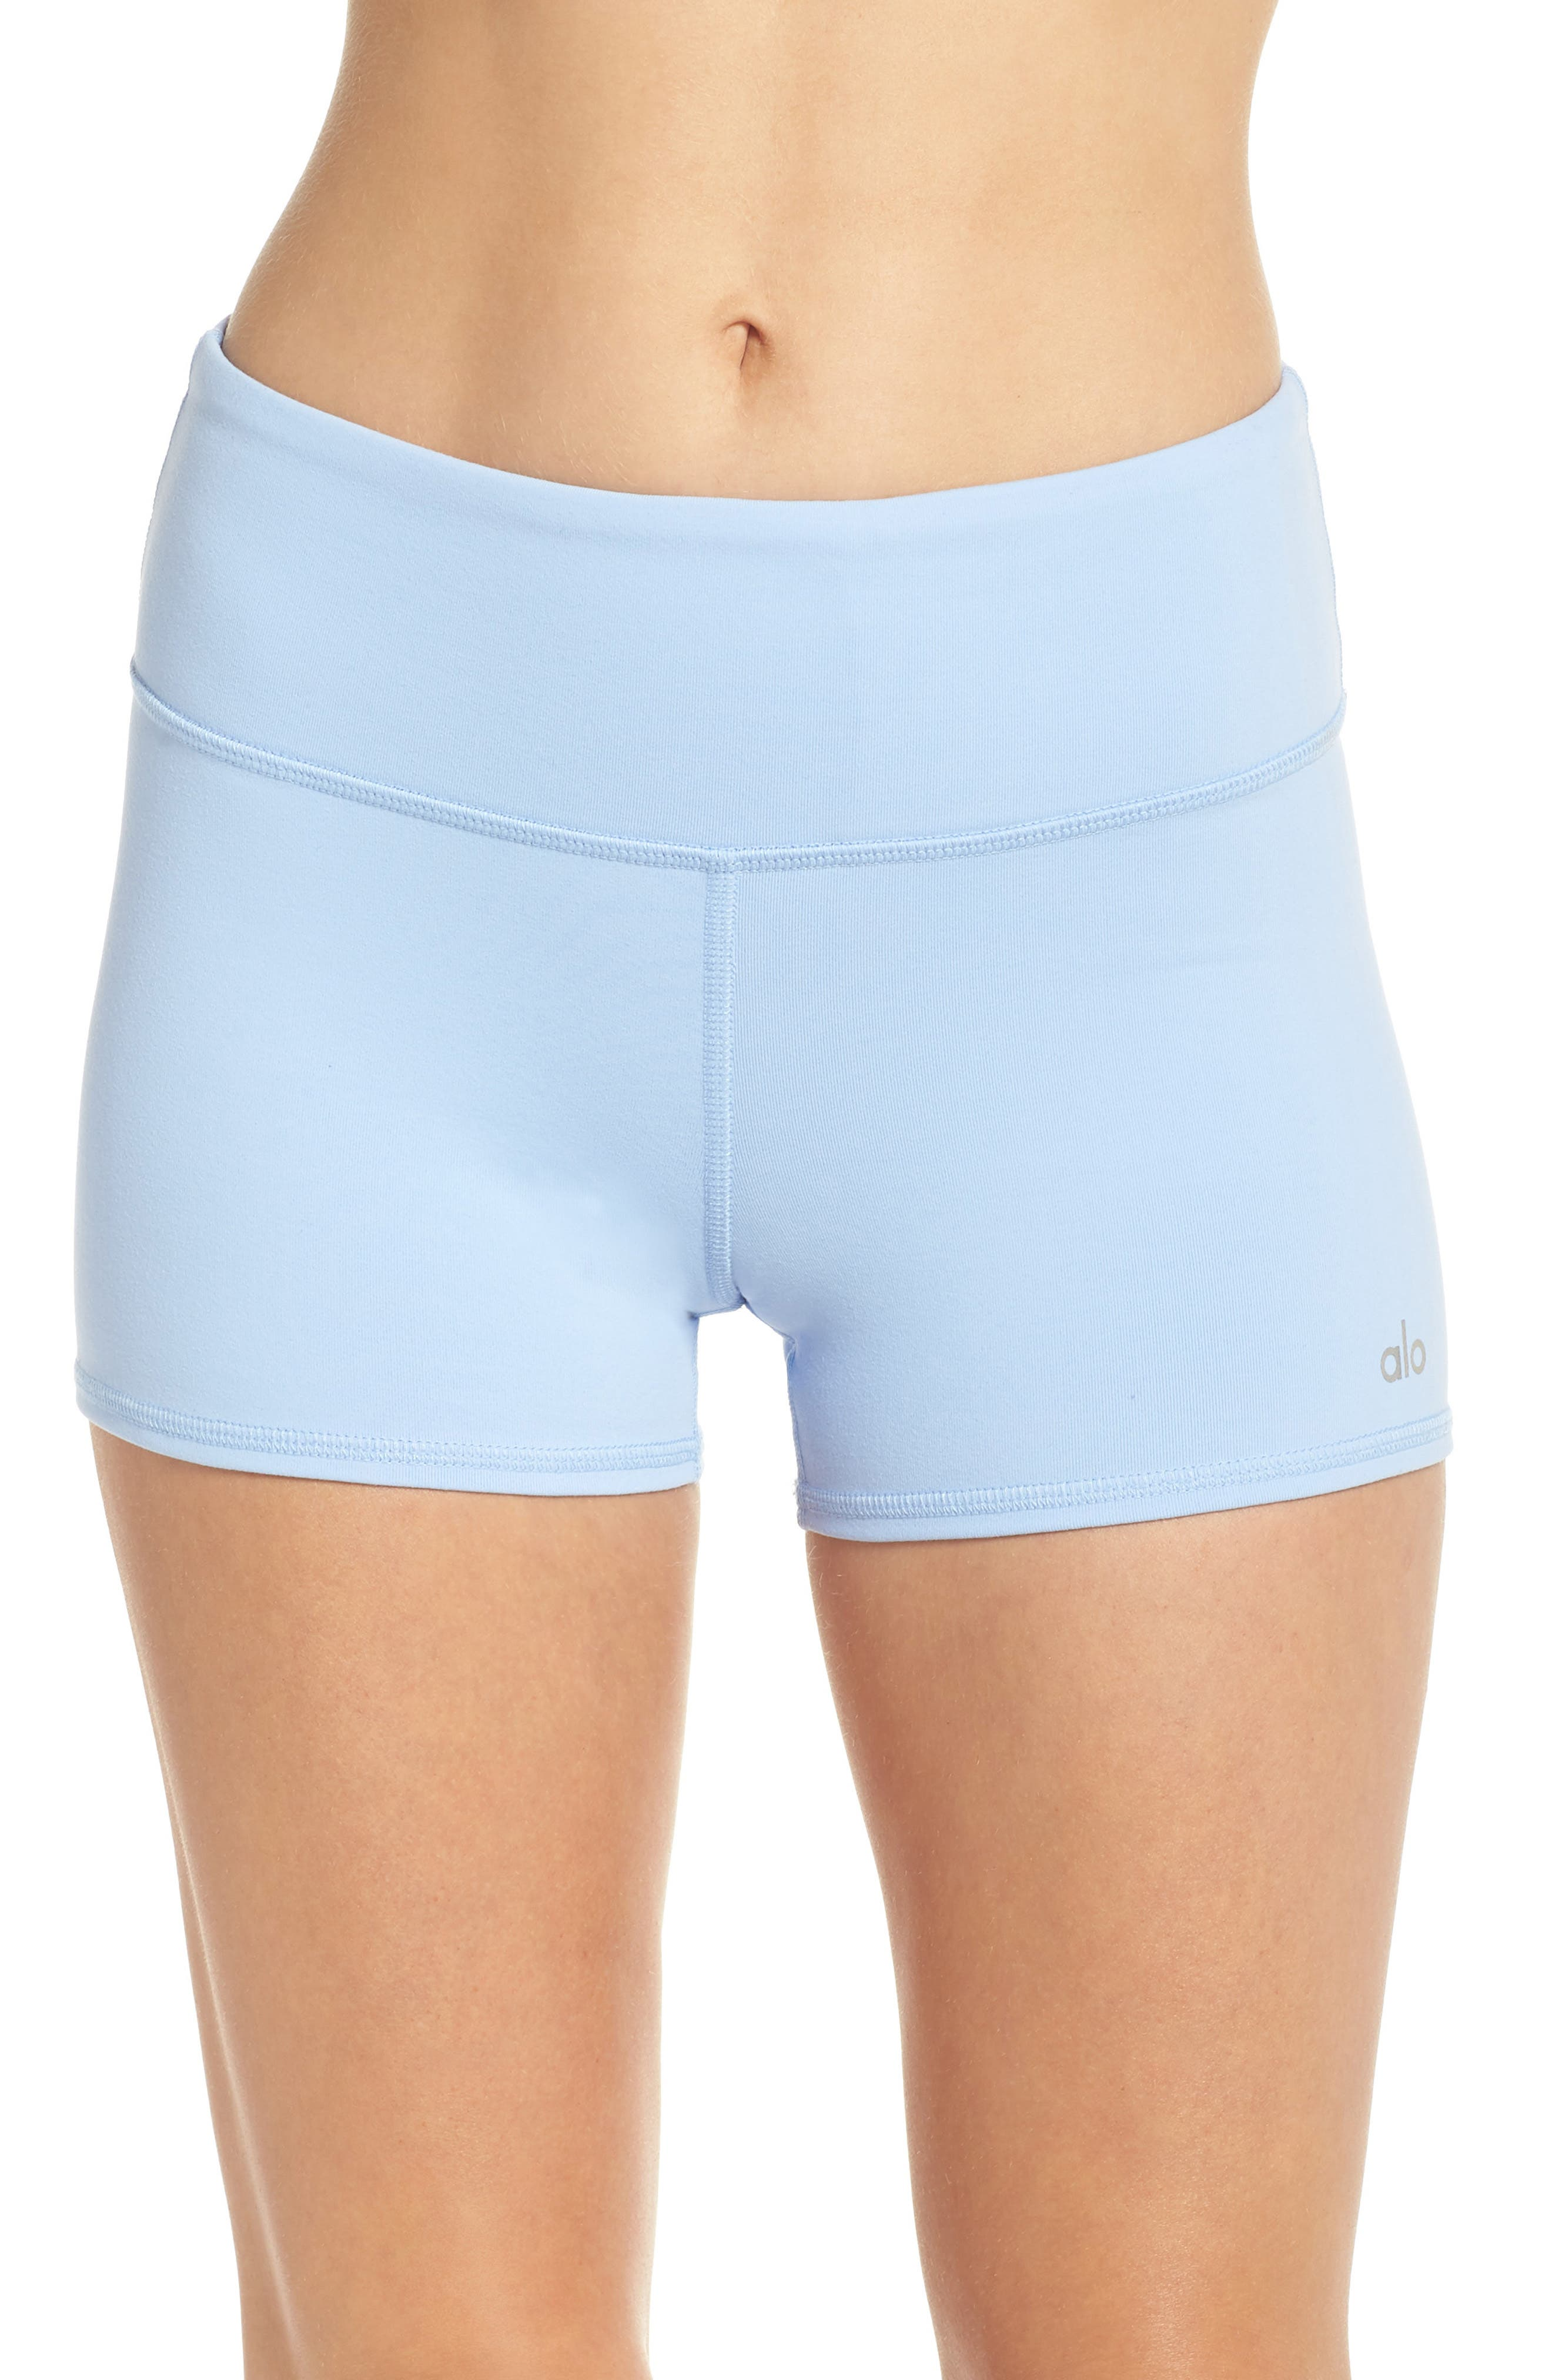 Airbrush Shorts,                         Main,                         color, Blue